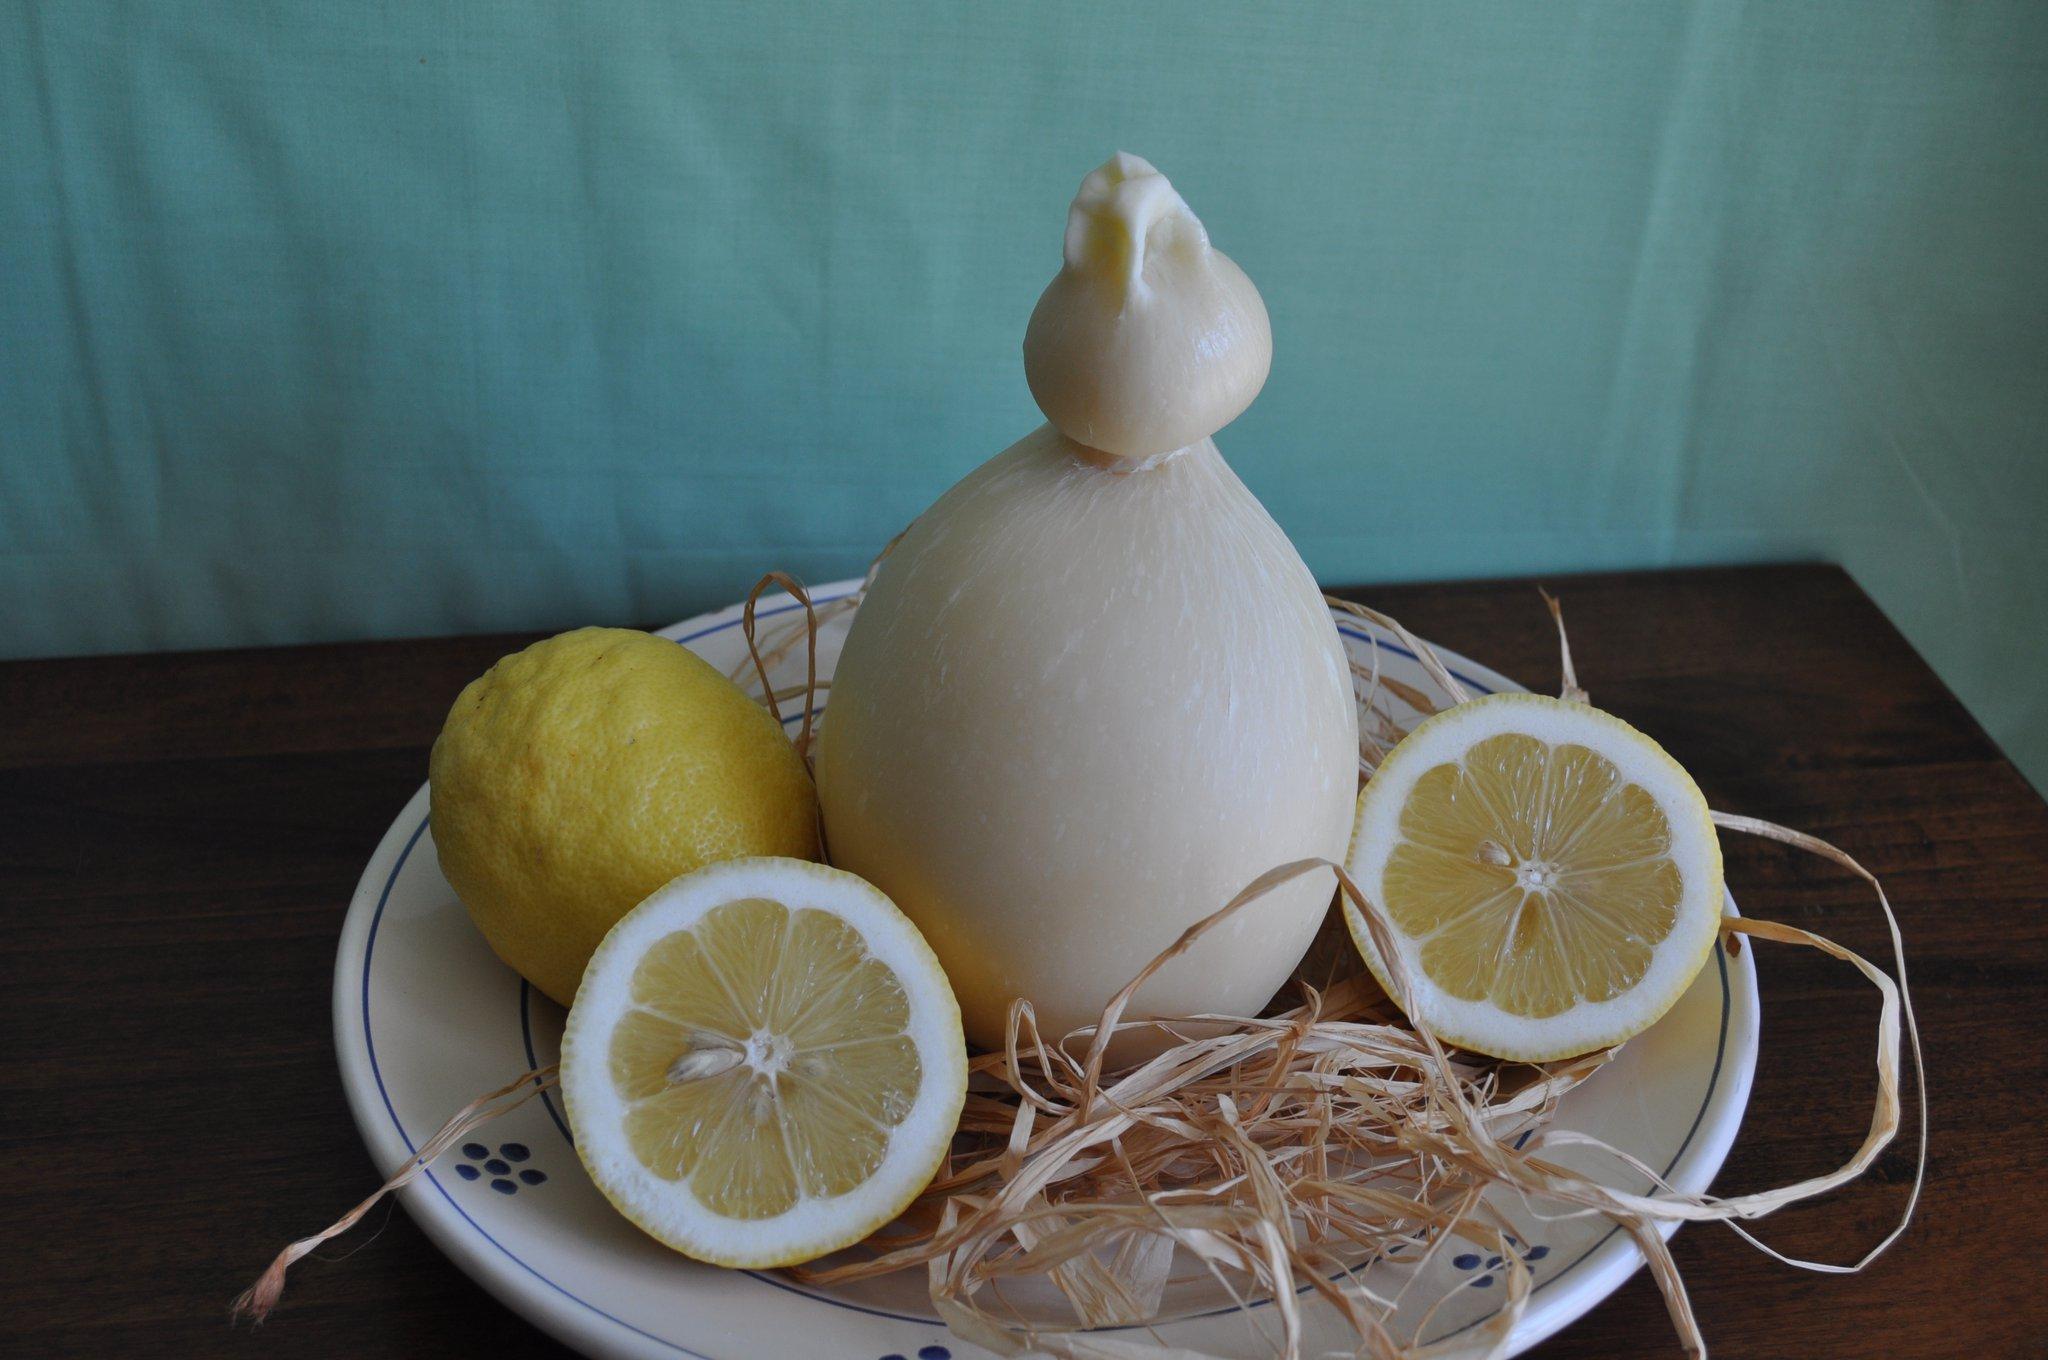 caciocavallo con limoni